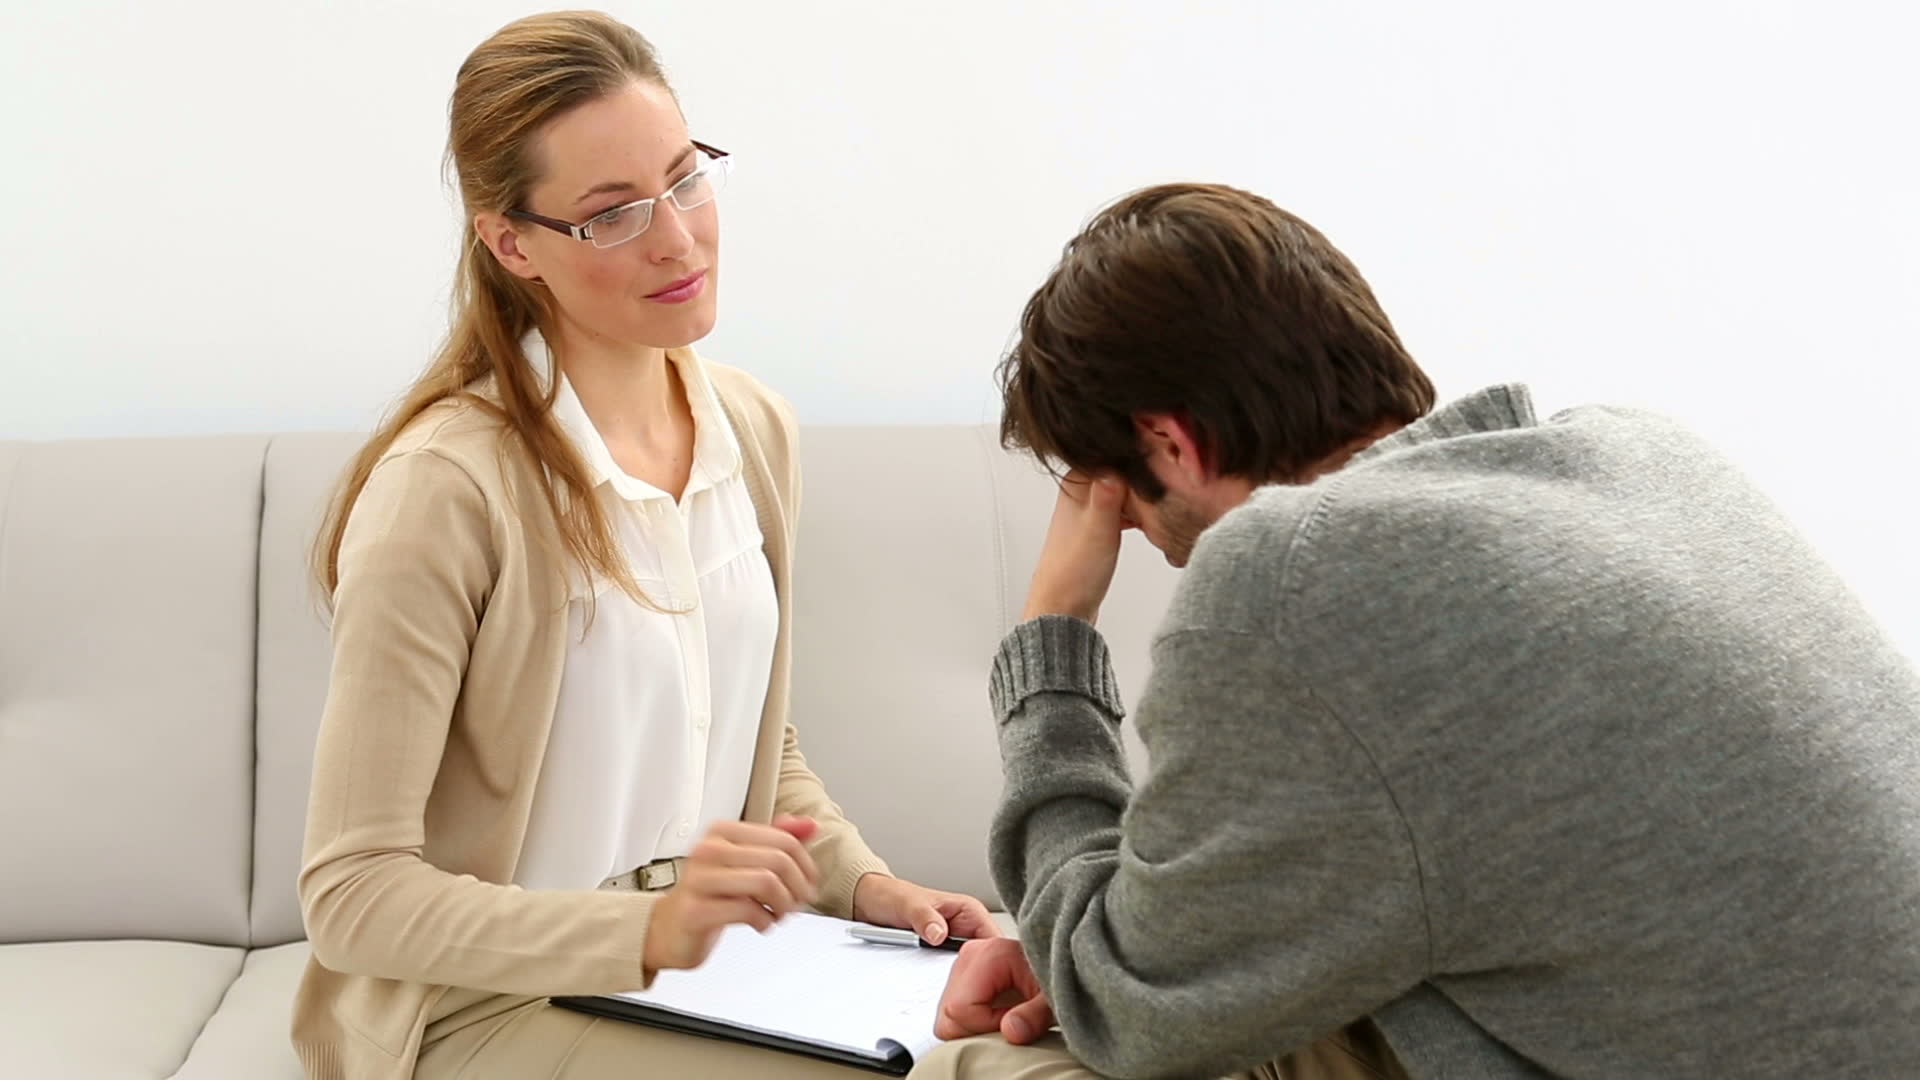 مشاوره روانشناسی چیست و چه ضرورتی دارد